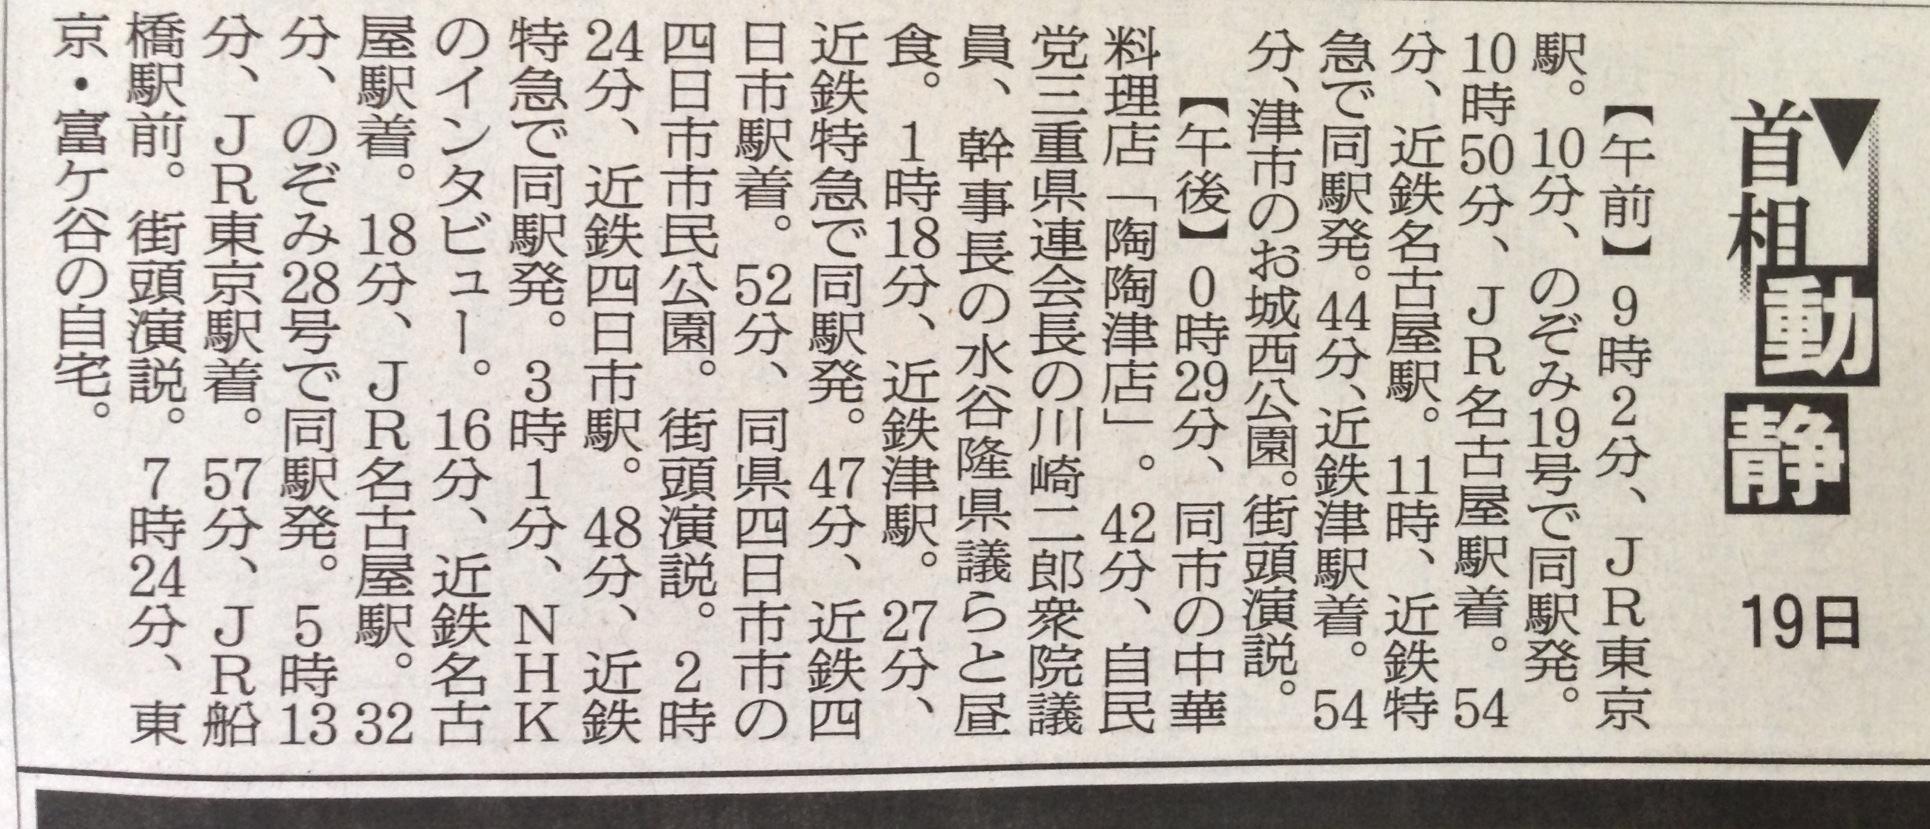 乗り鉄安倍首相3